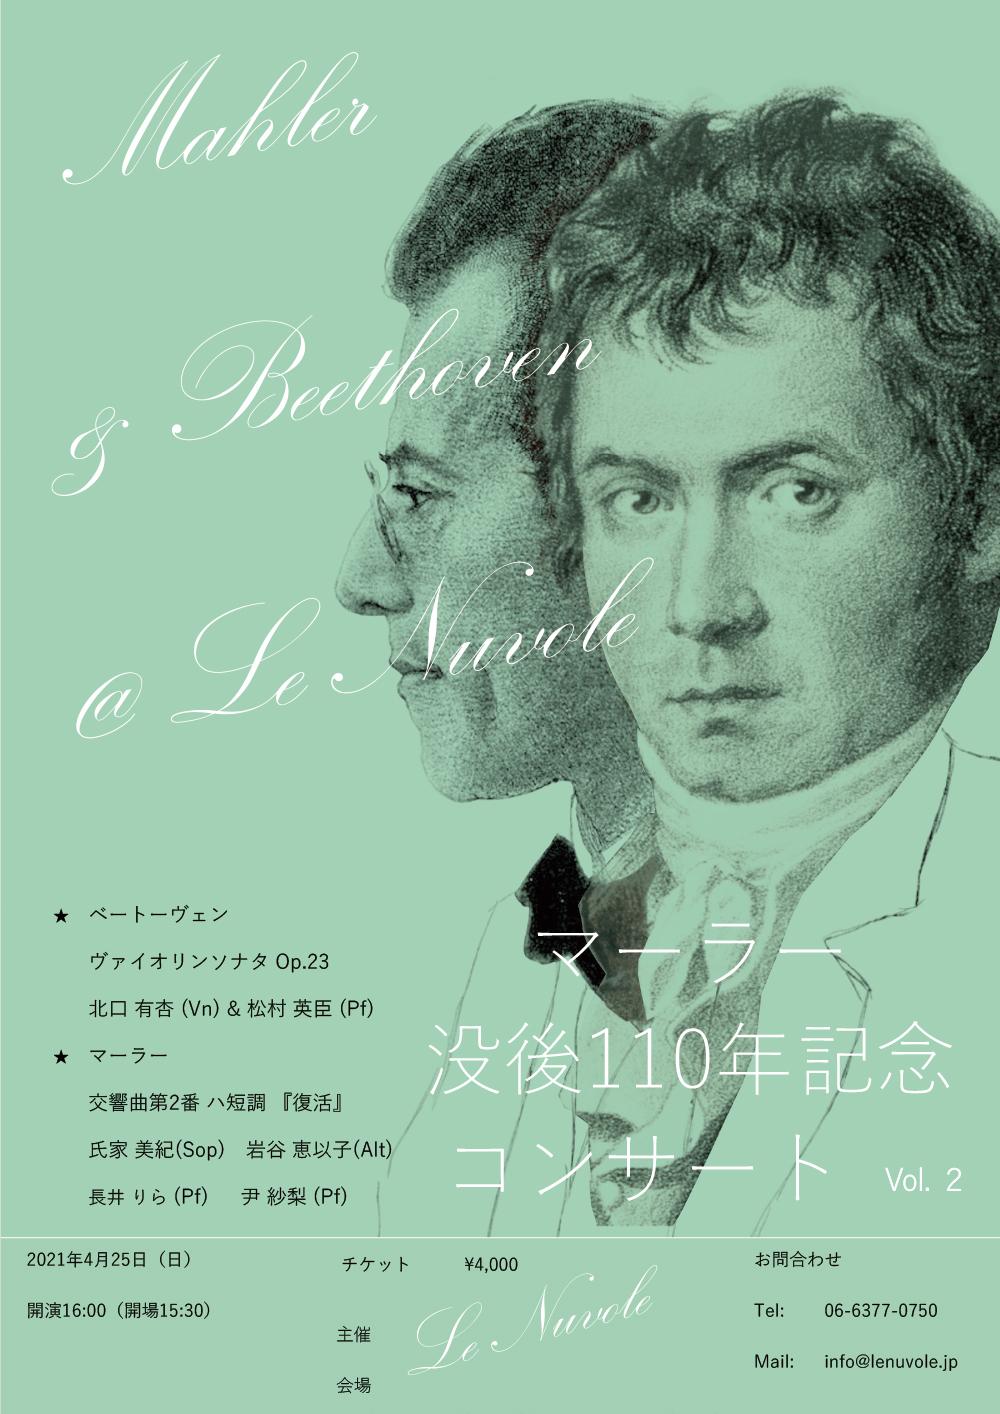 マーラー没後110記念コンサート Vol.2